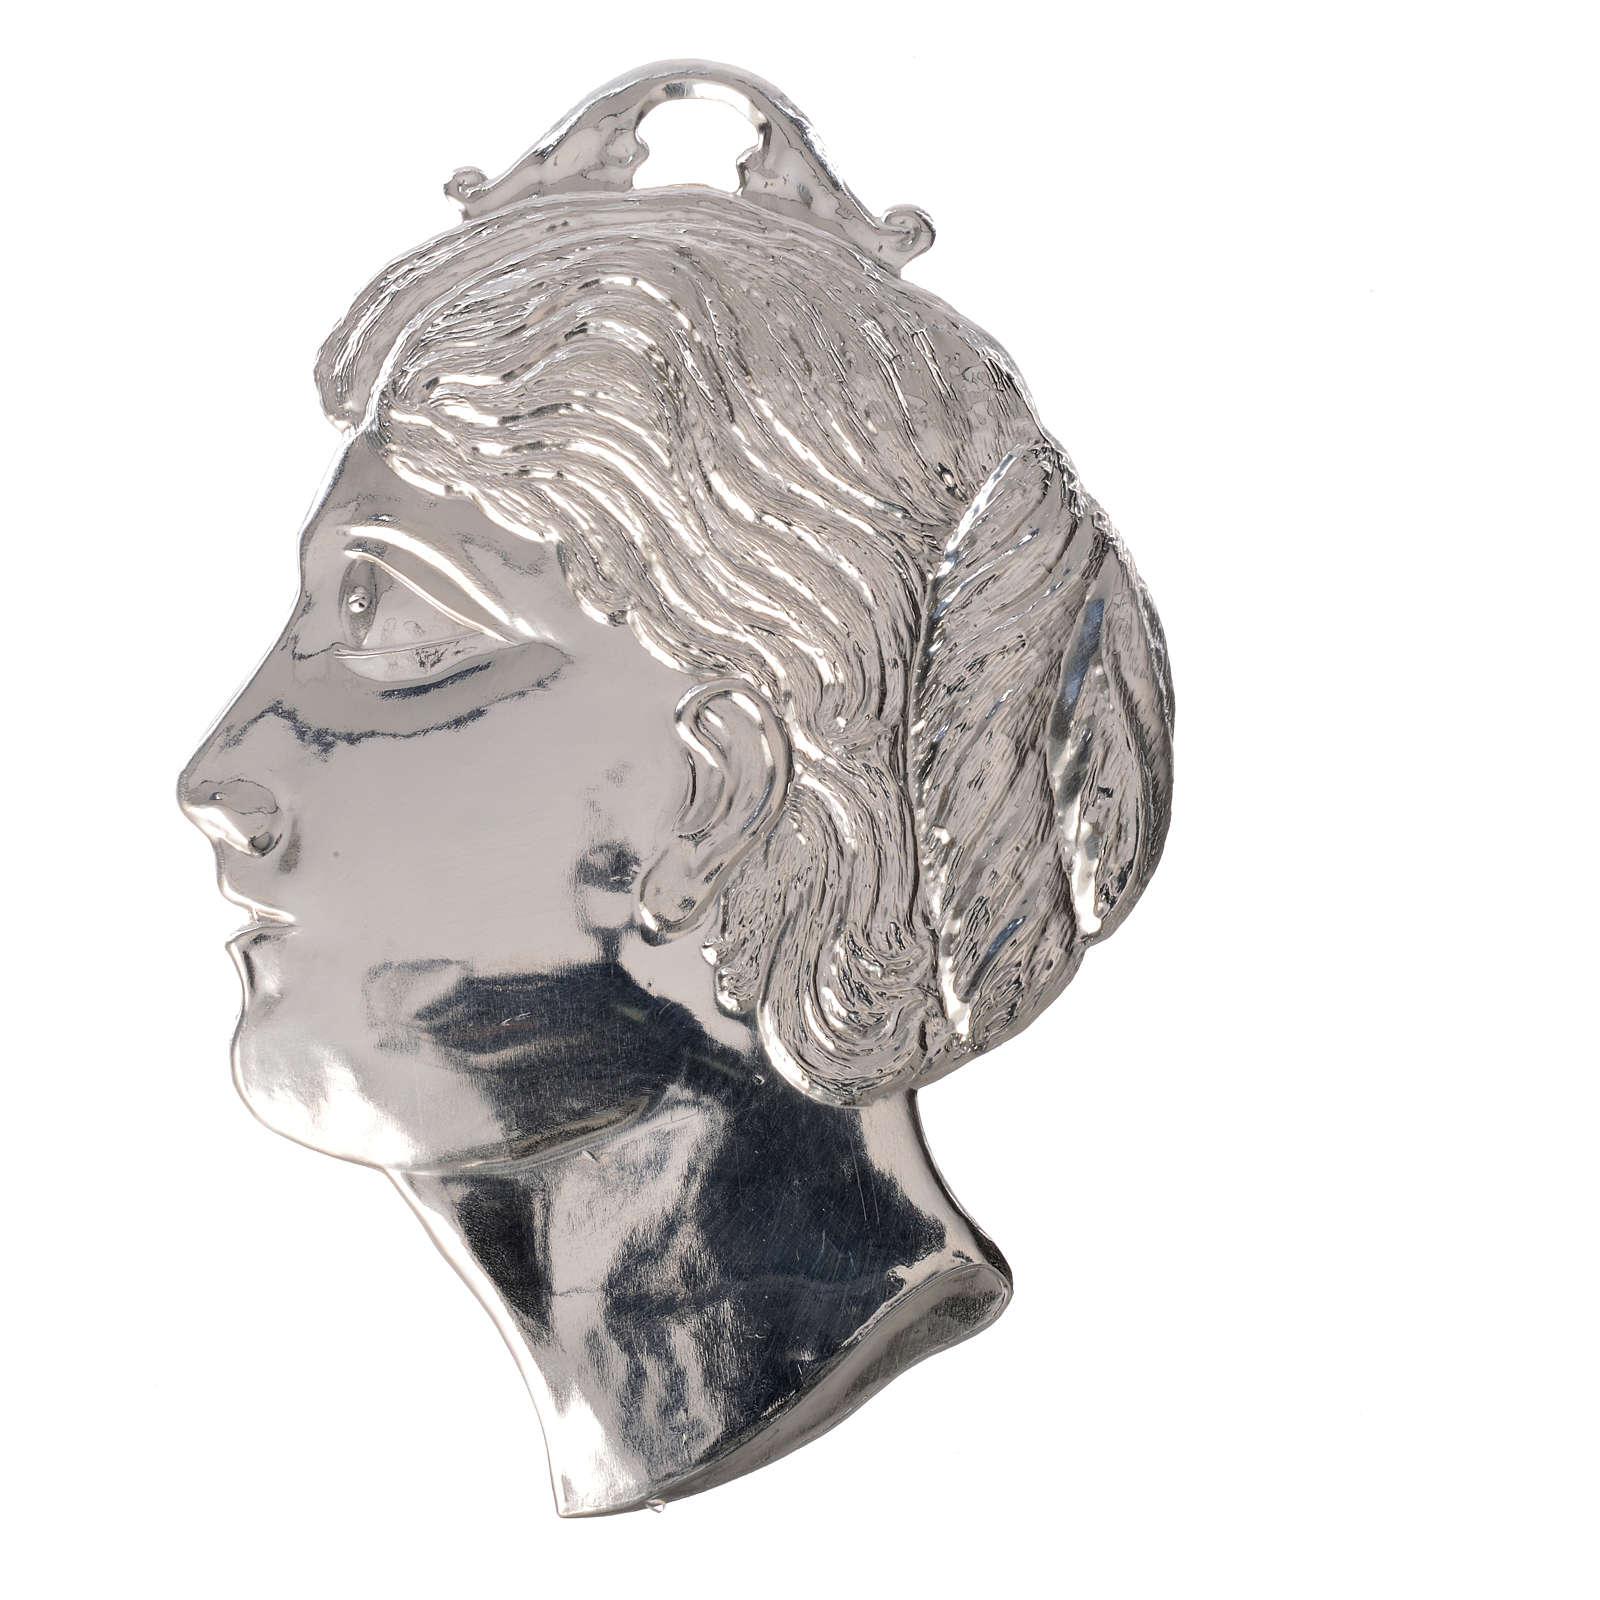 Ex voto testa di donna argento 925 o metallo 14 cm 3